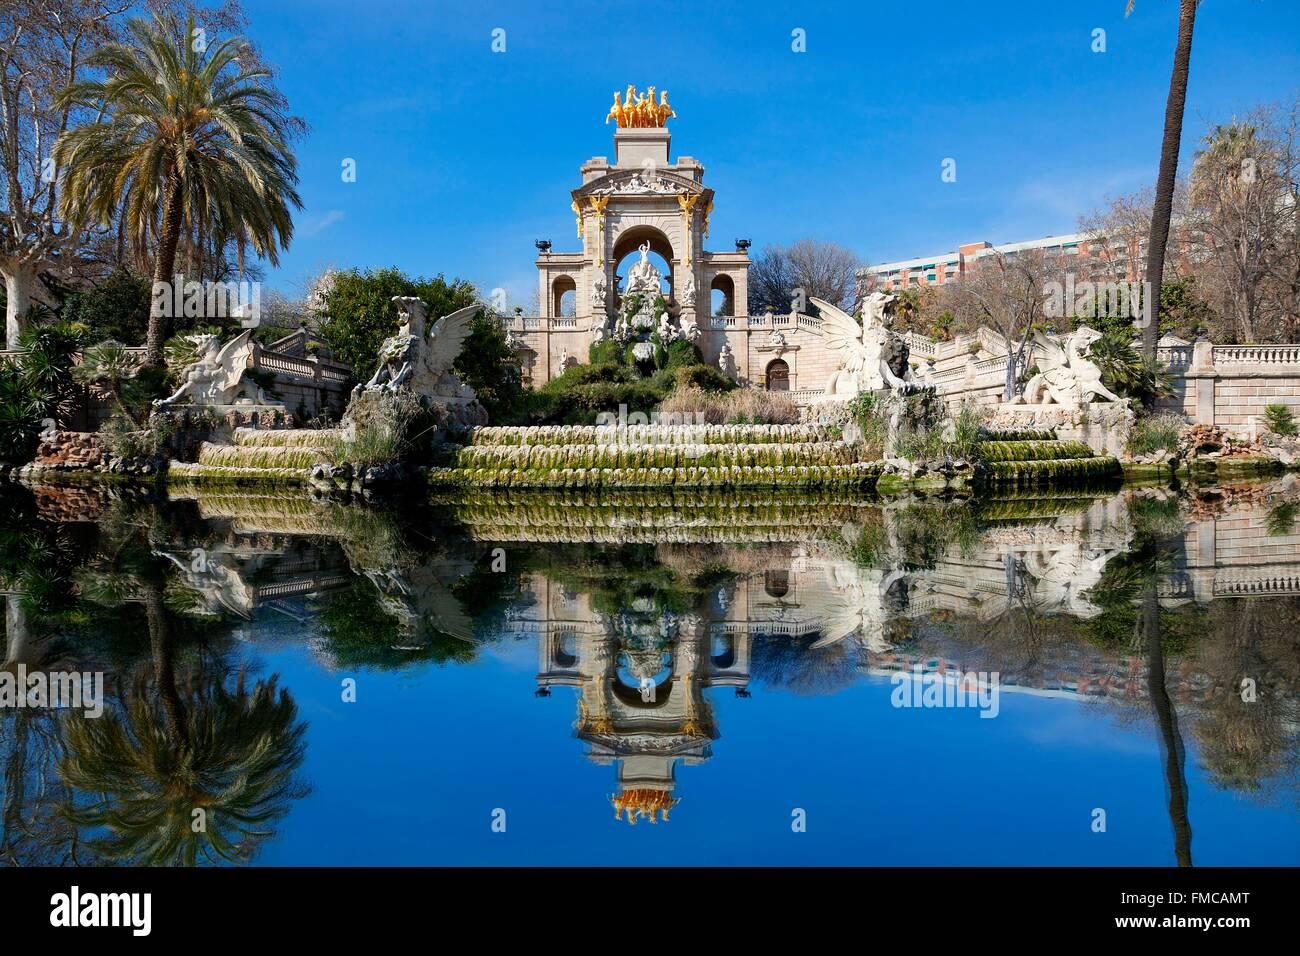 España, Cataluña, Barcelona, la fuente del parque de la Ciutadella Imagen De Stock